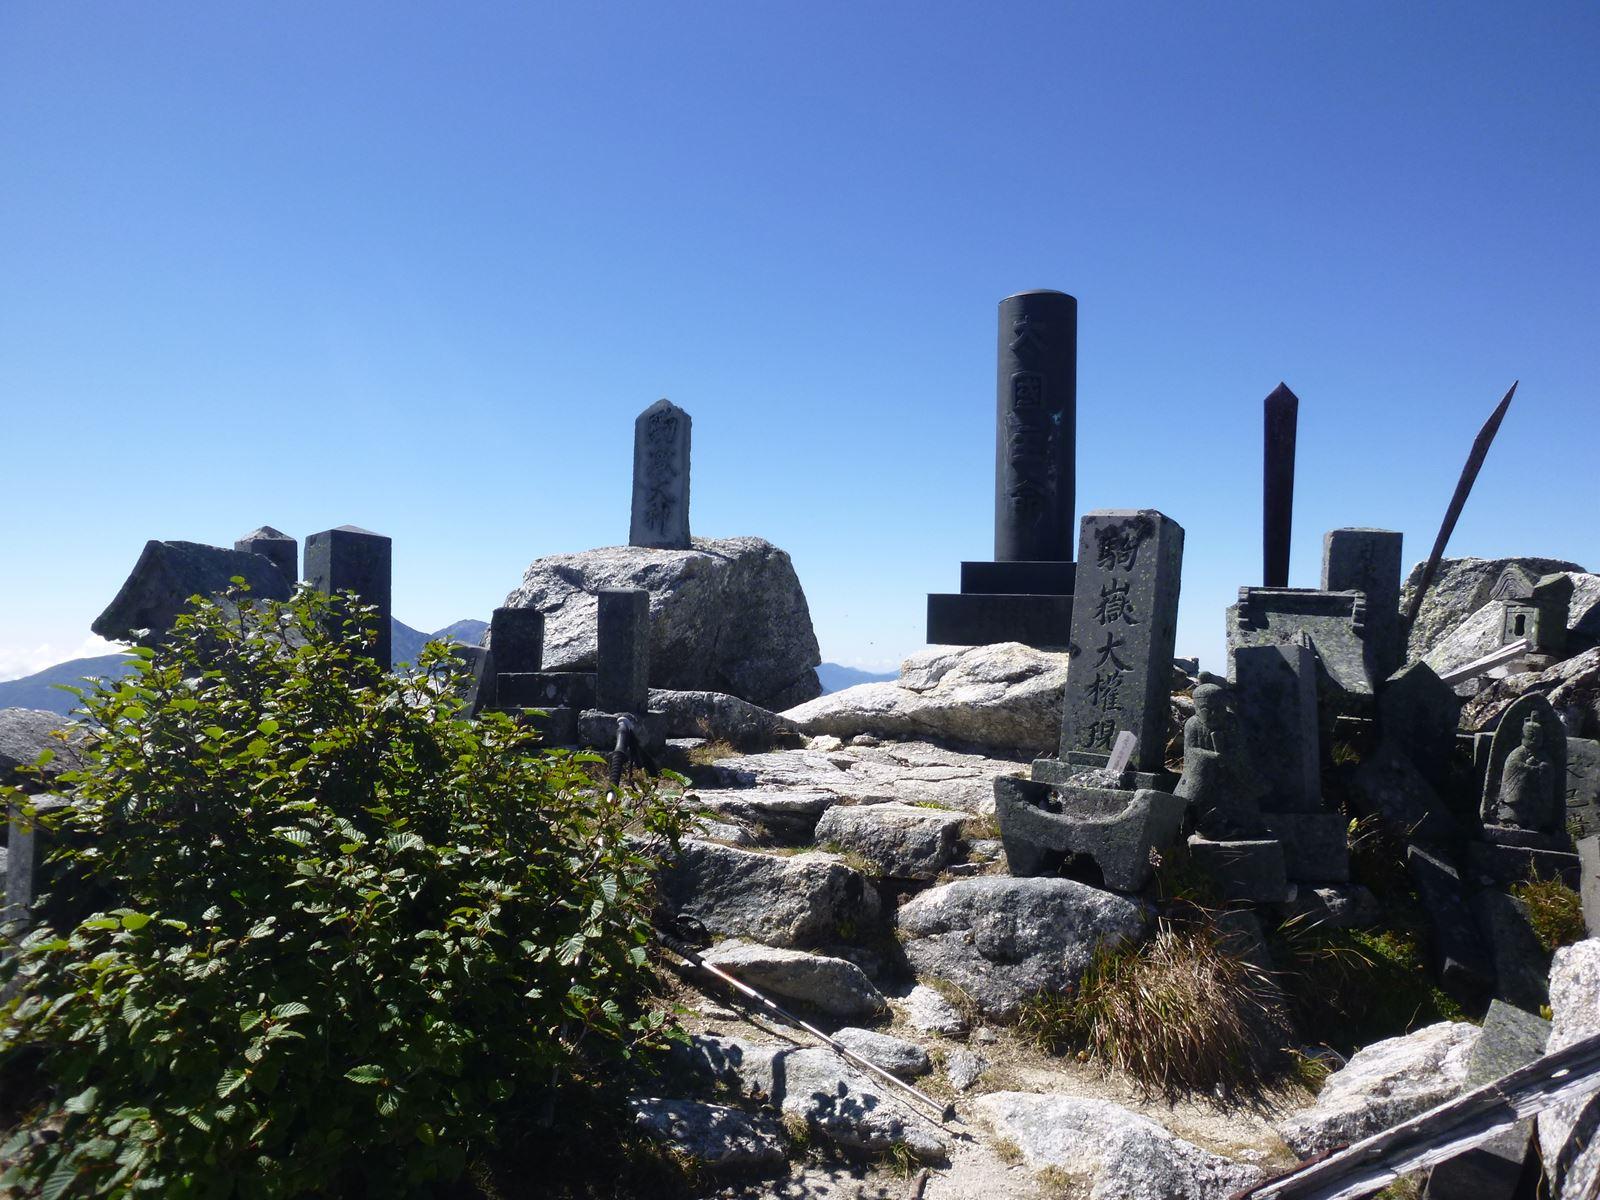 社長の登山日記 甲斐駒ケ岳 頂上付近霊場